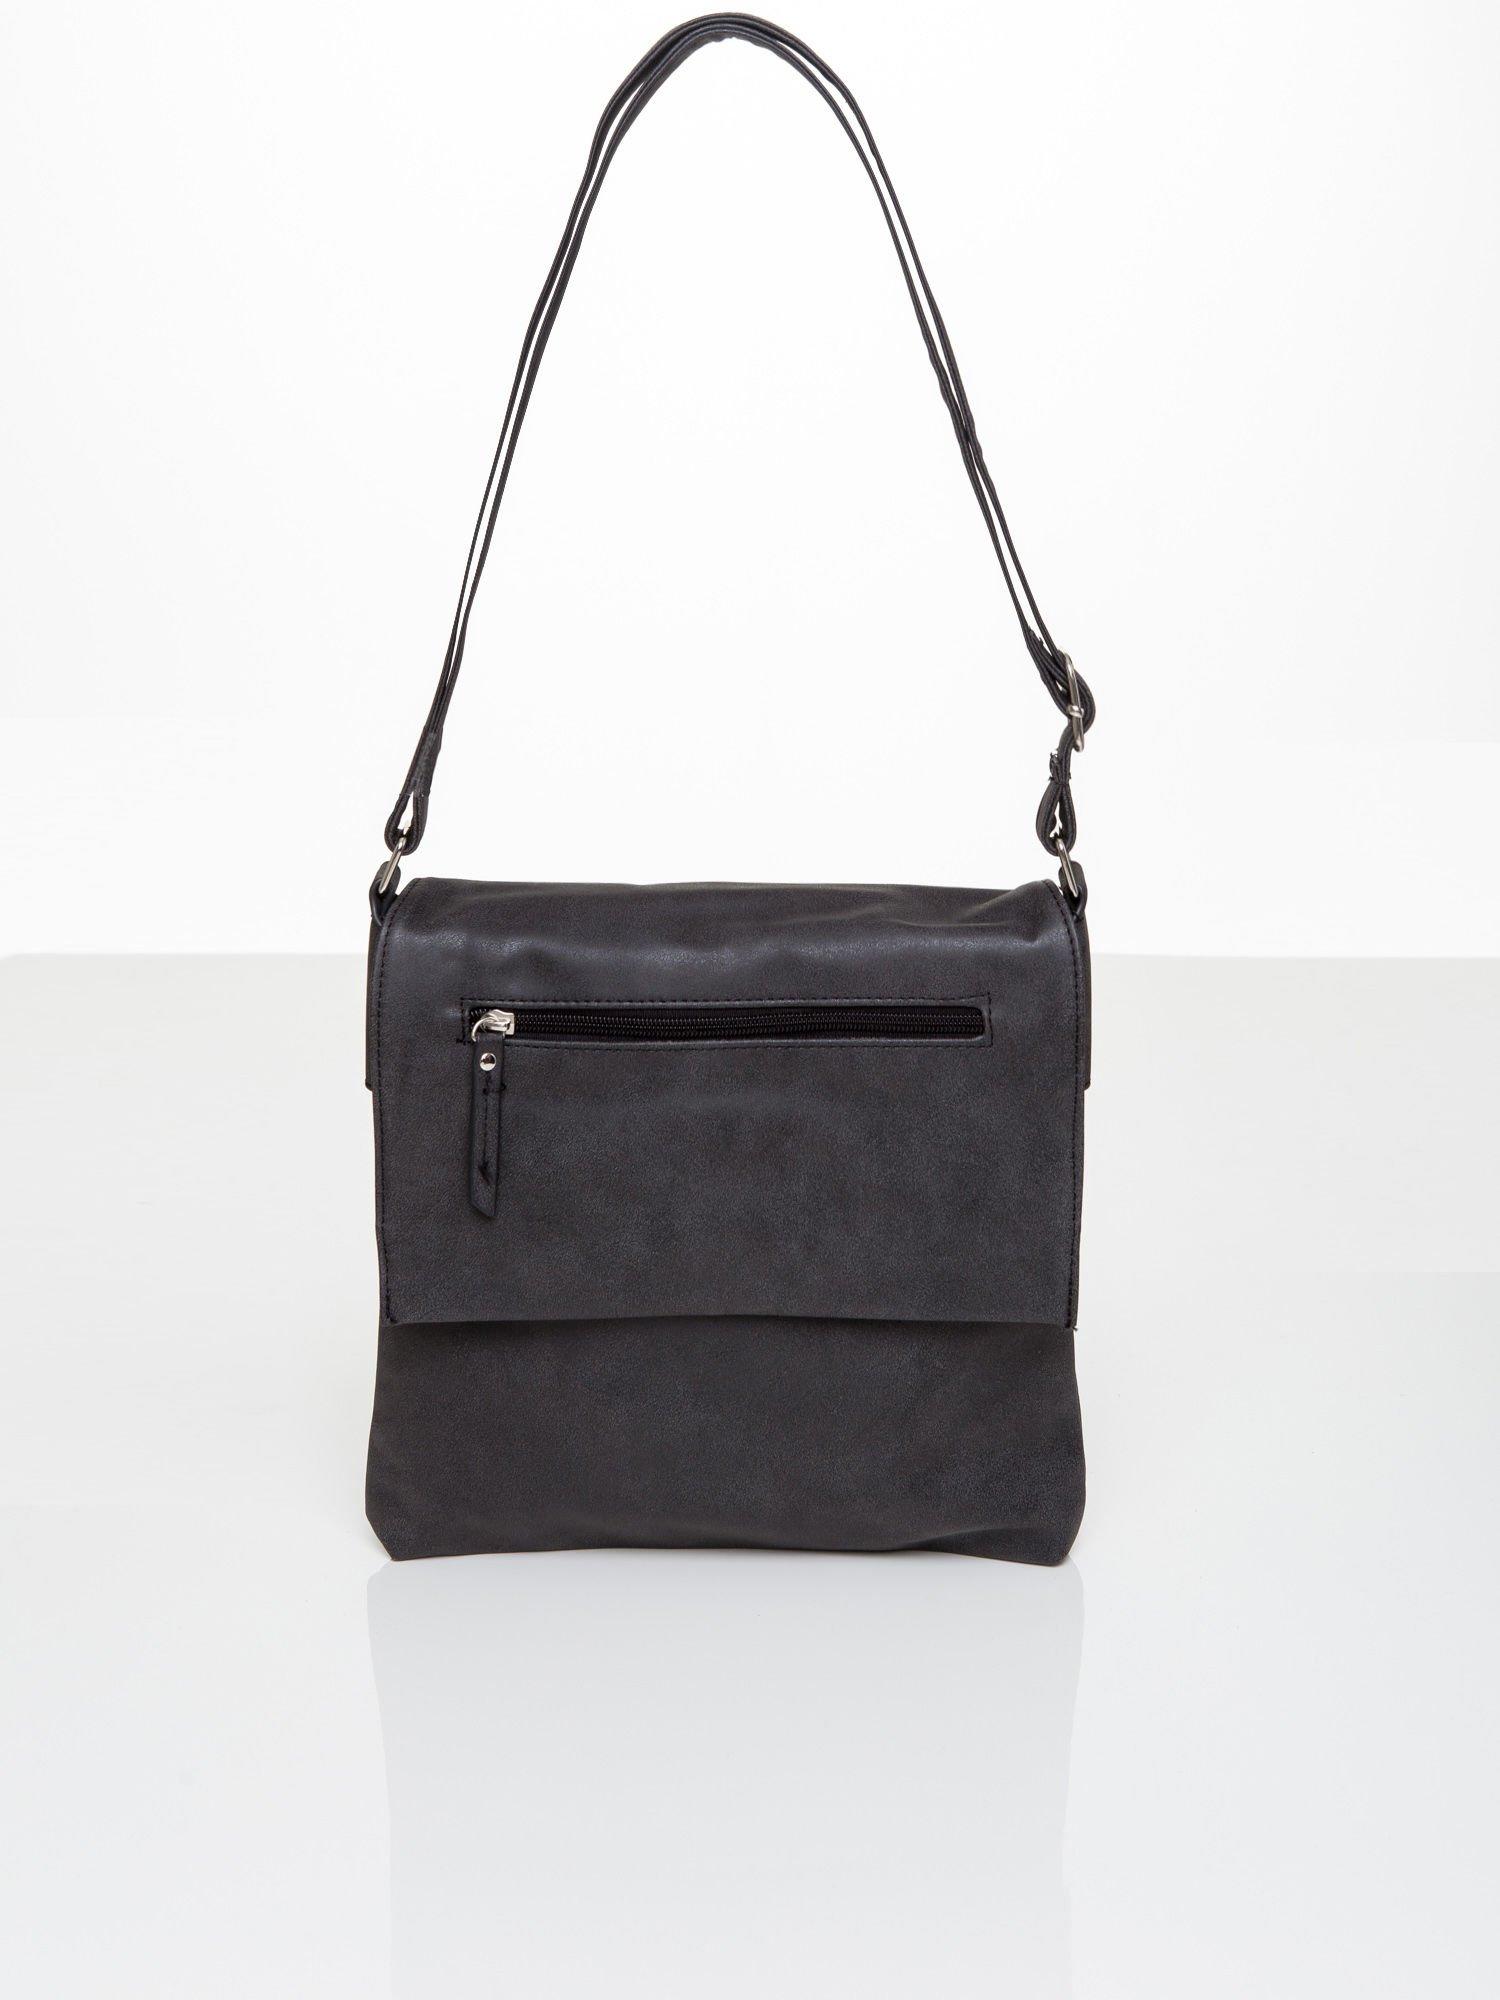 a2b79eabc44aa Czarna torba na ramię z klapką - Akcesoria torba - sklep eButik.pl